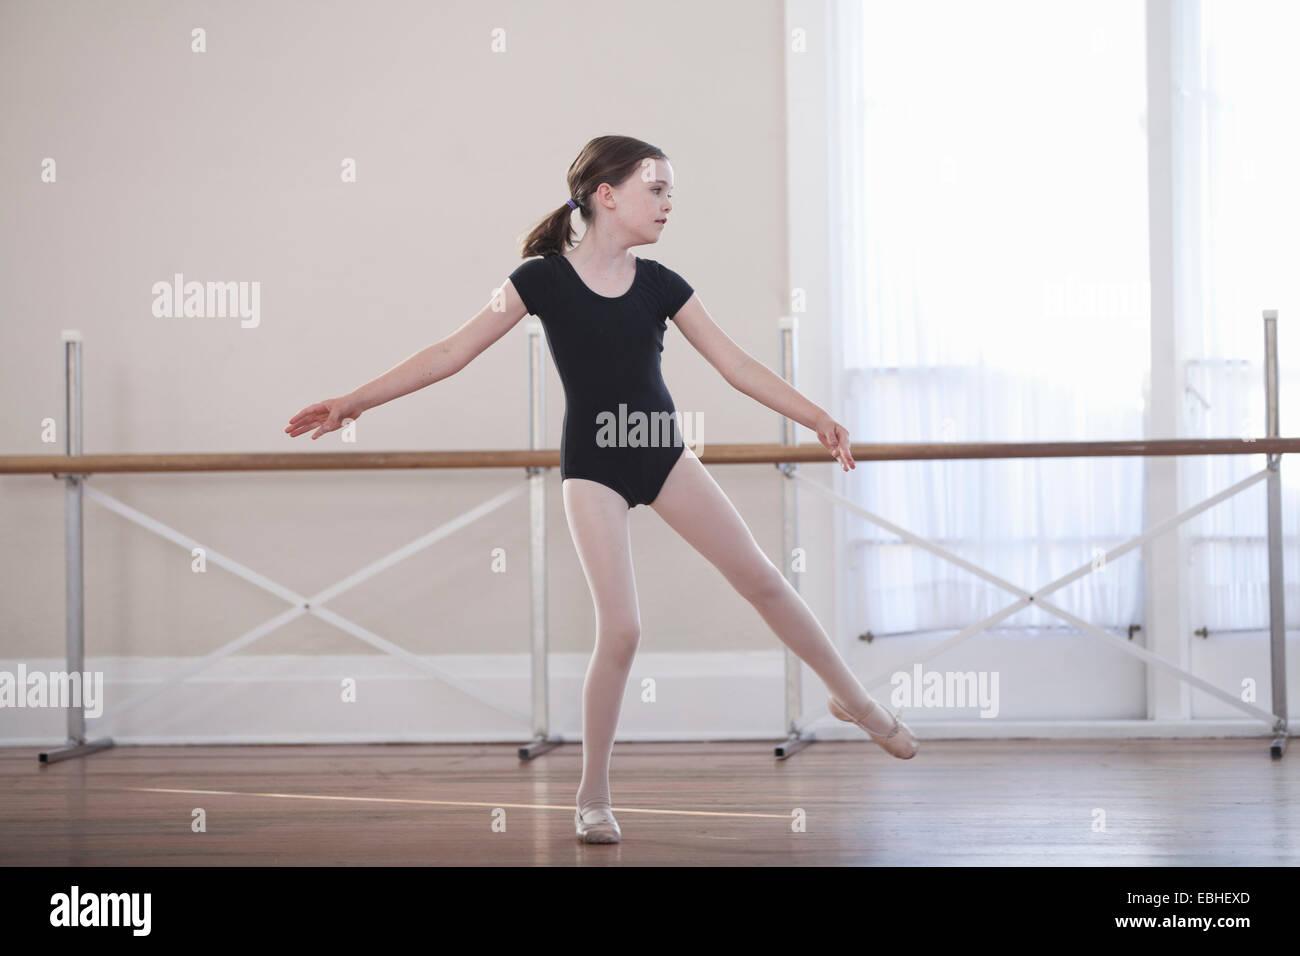 Giovane ballerina praticando ballet danza nella scuola di danza Immagini Stock